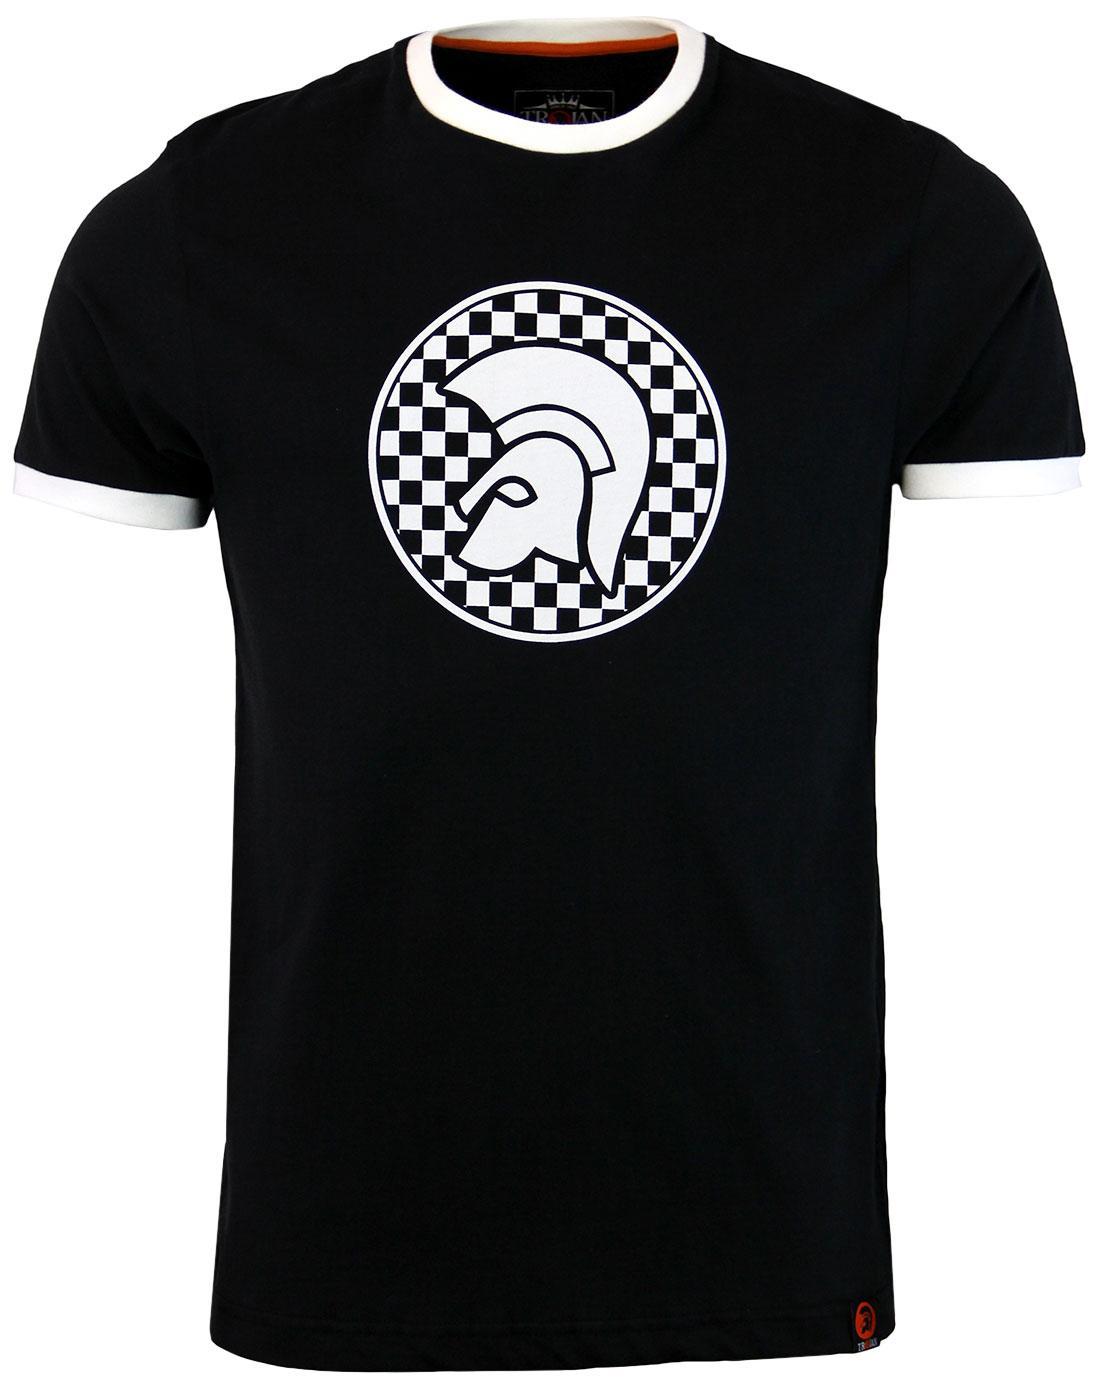 TROJAN RECORDS Ringer Retro Ska Helmet Logo Tee